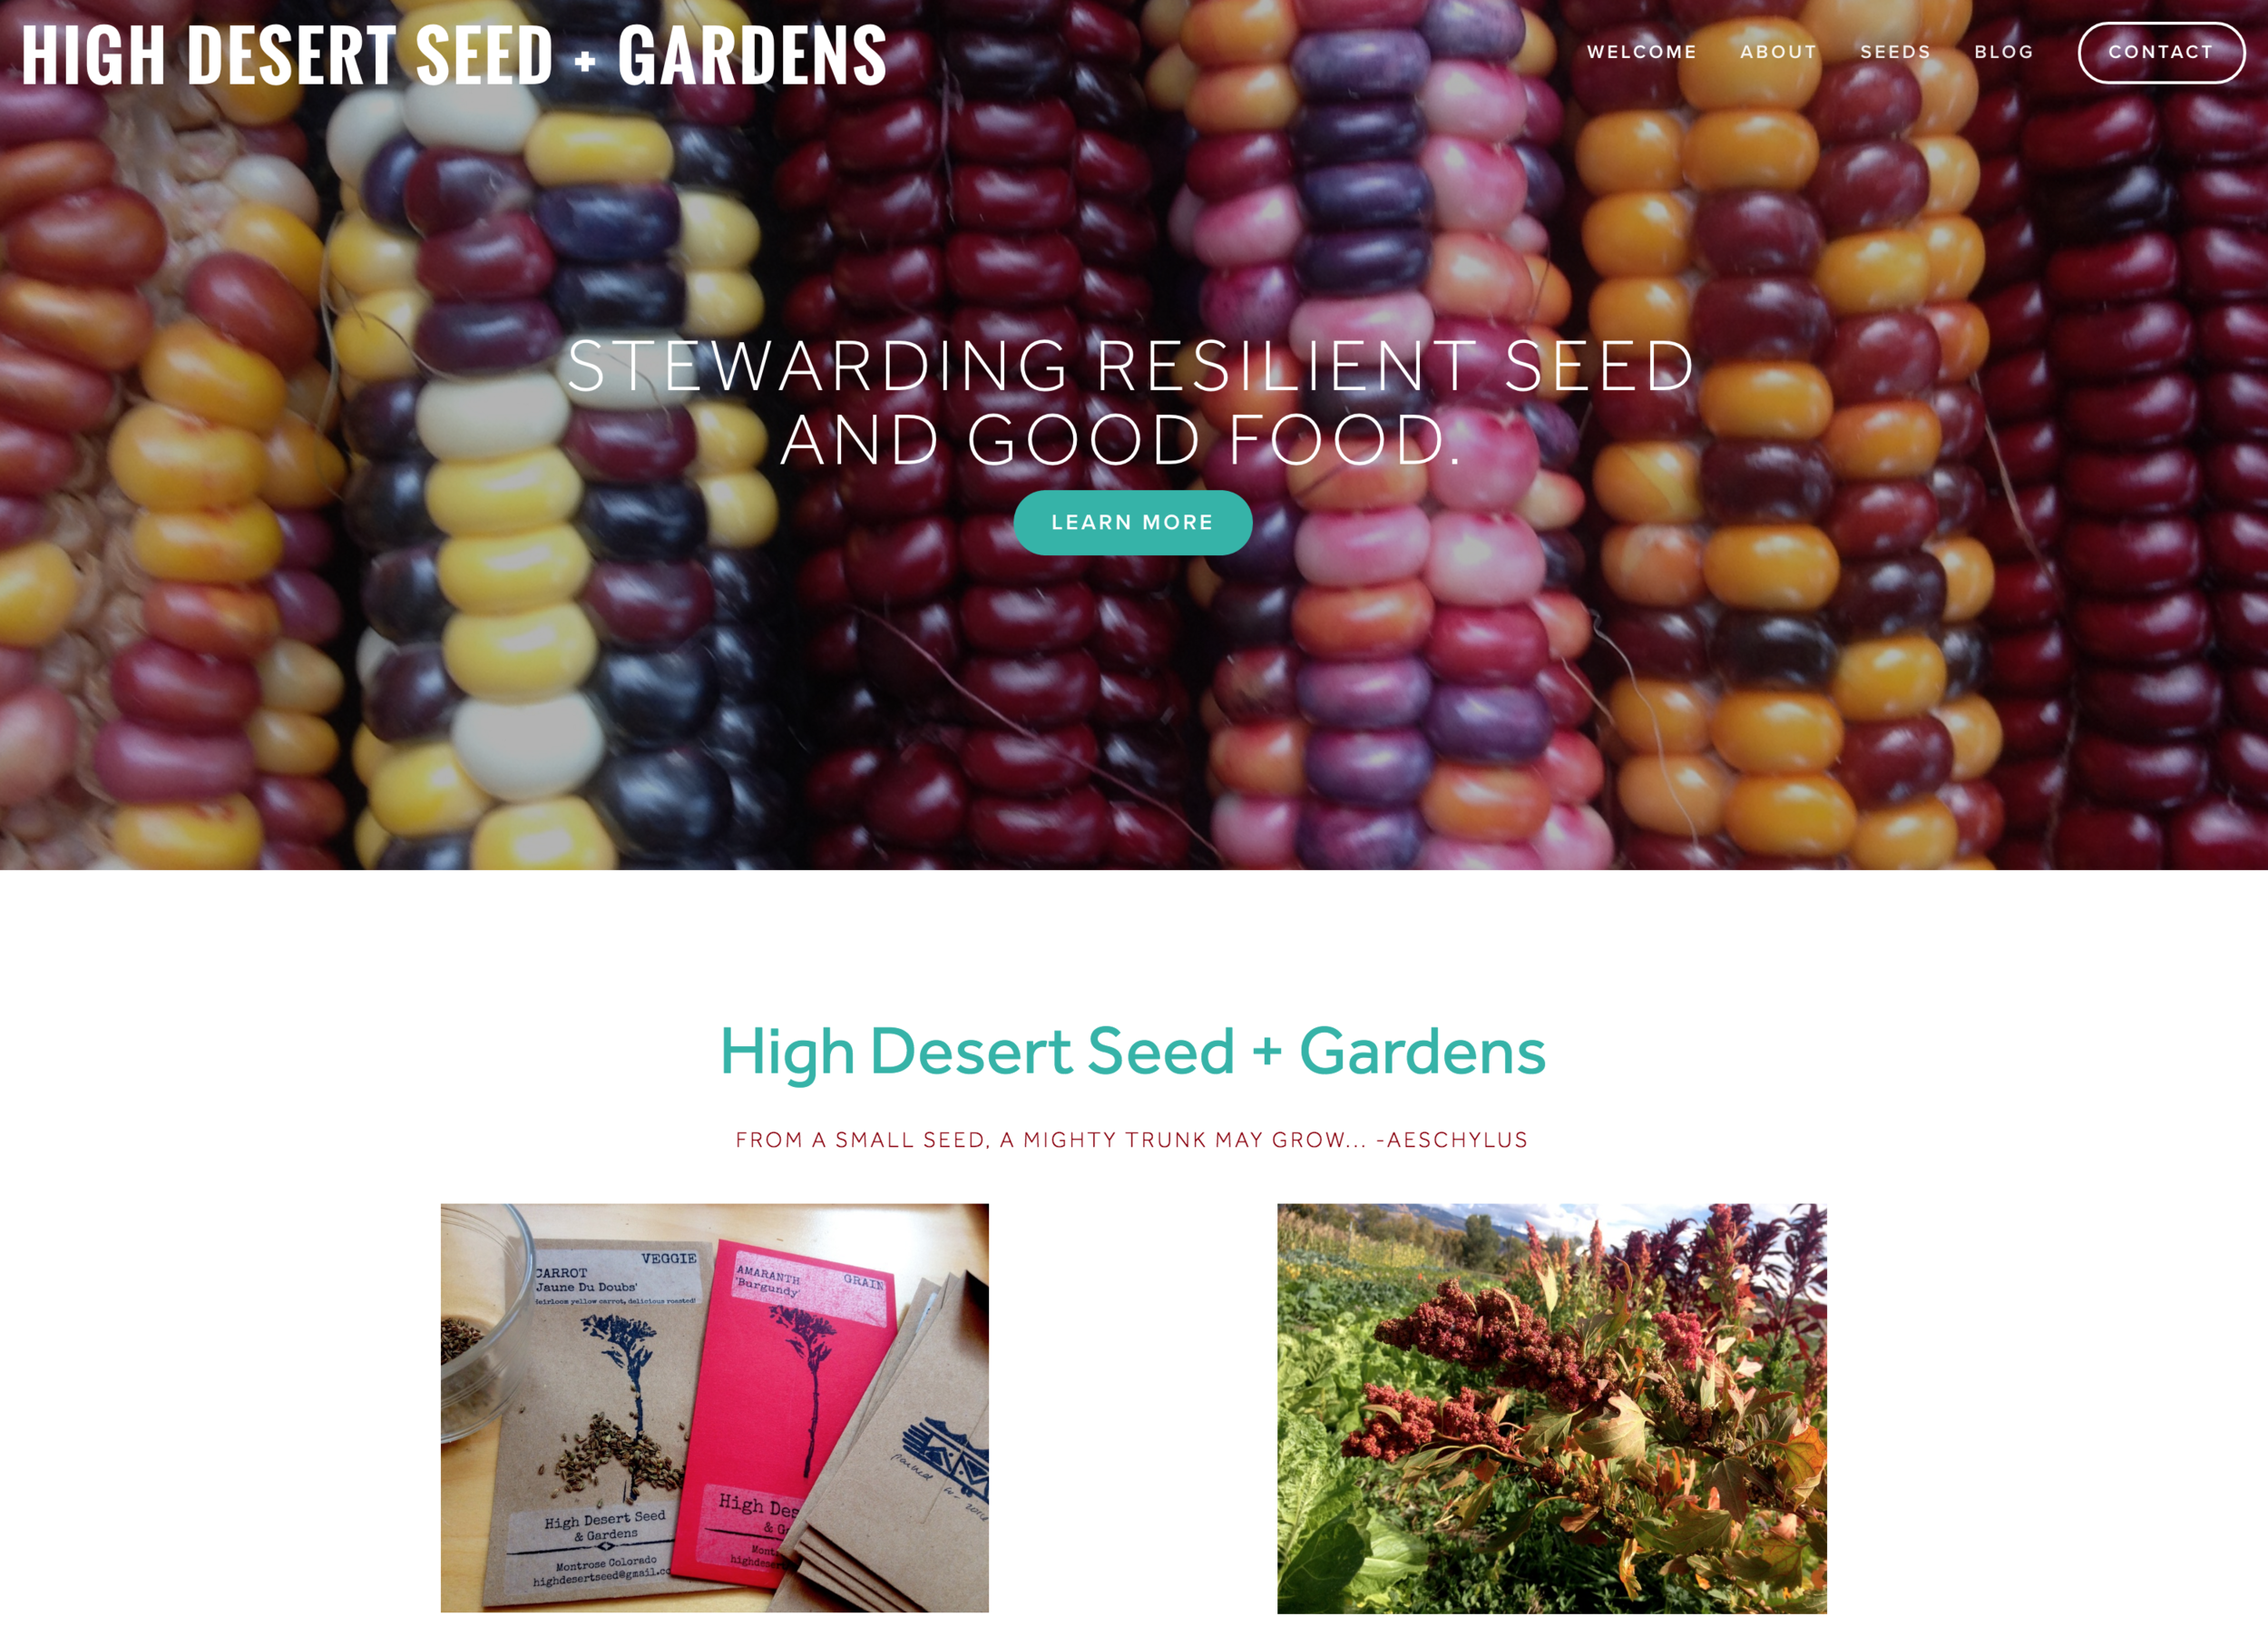 Website for High Desert Seed + Gardens